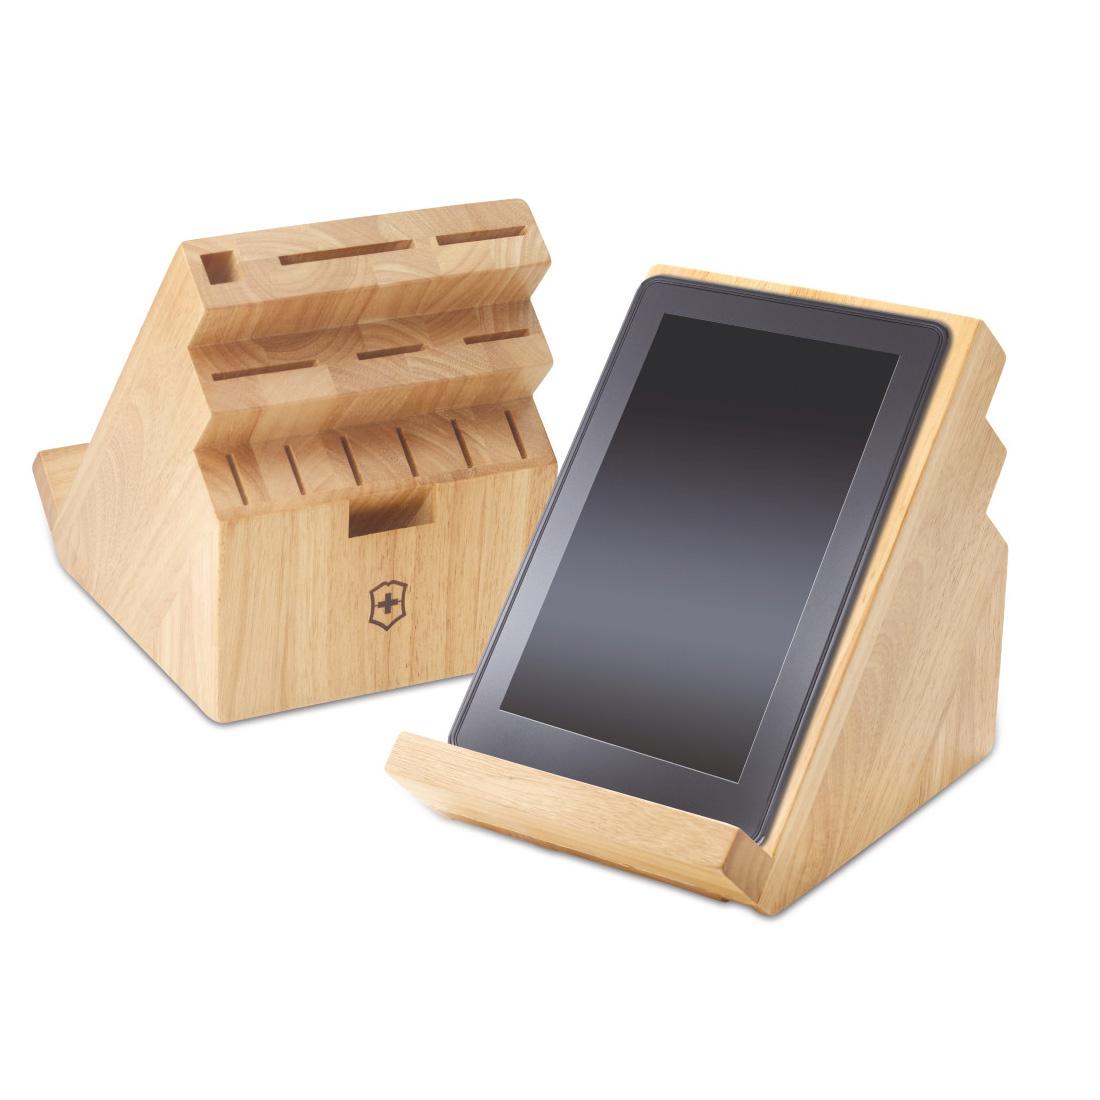 Victorinox Swivel - Knife Block / iPad Stand - The Green Head